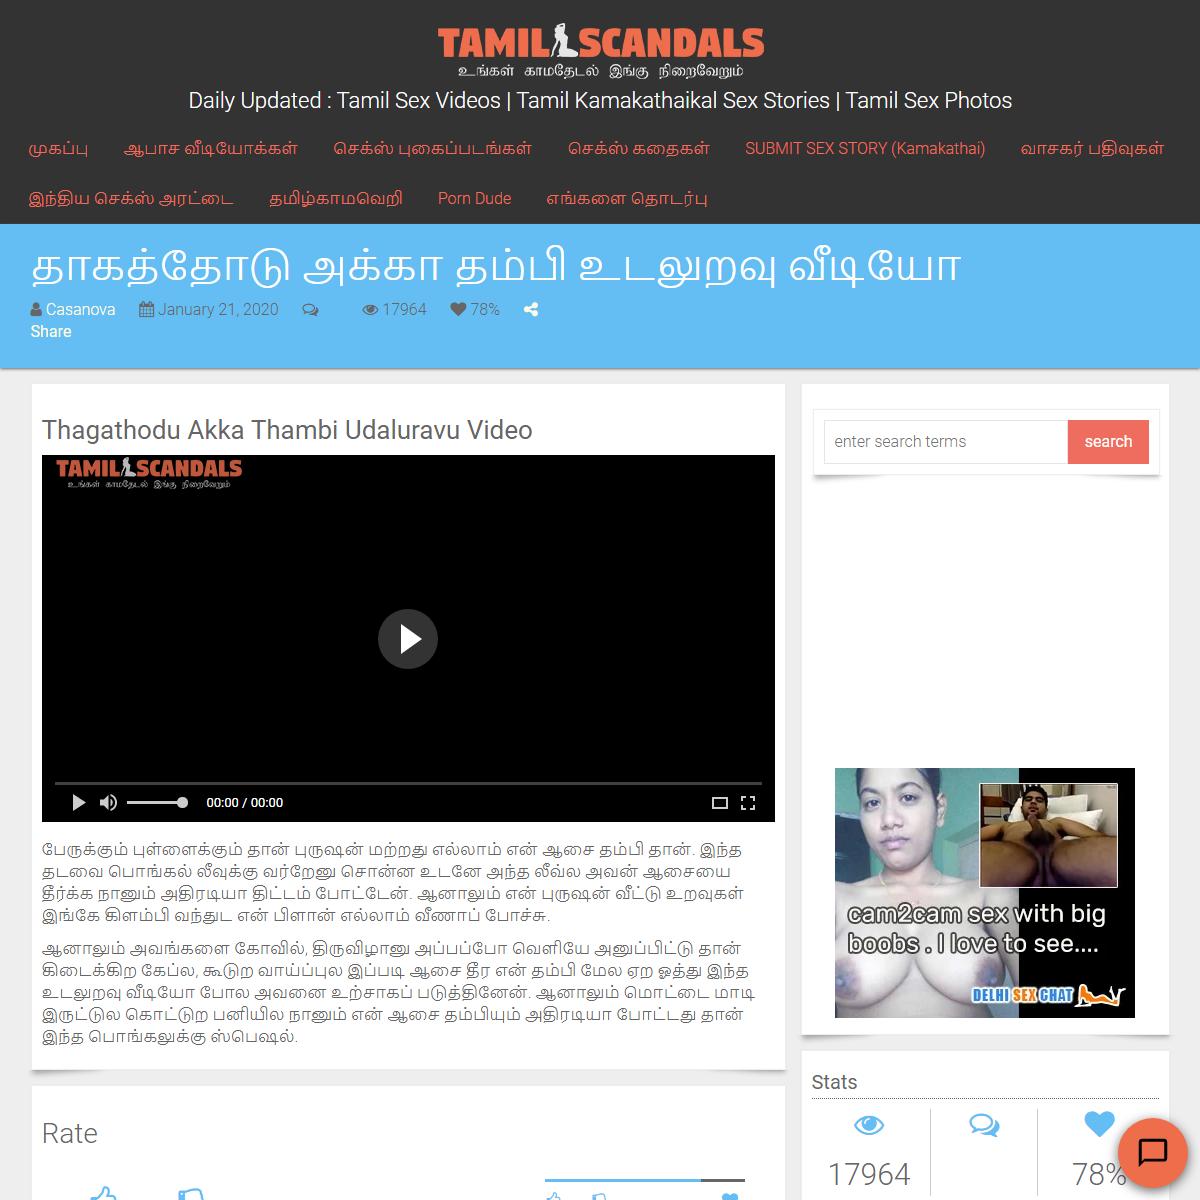 தாகத்தோடு அக்கா தம்பி உடலுறவு வீடியோ - Tamil Incest Sex